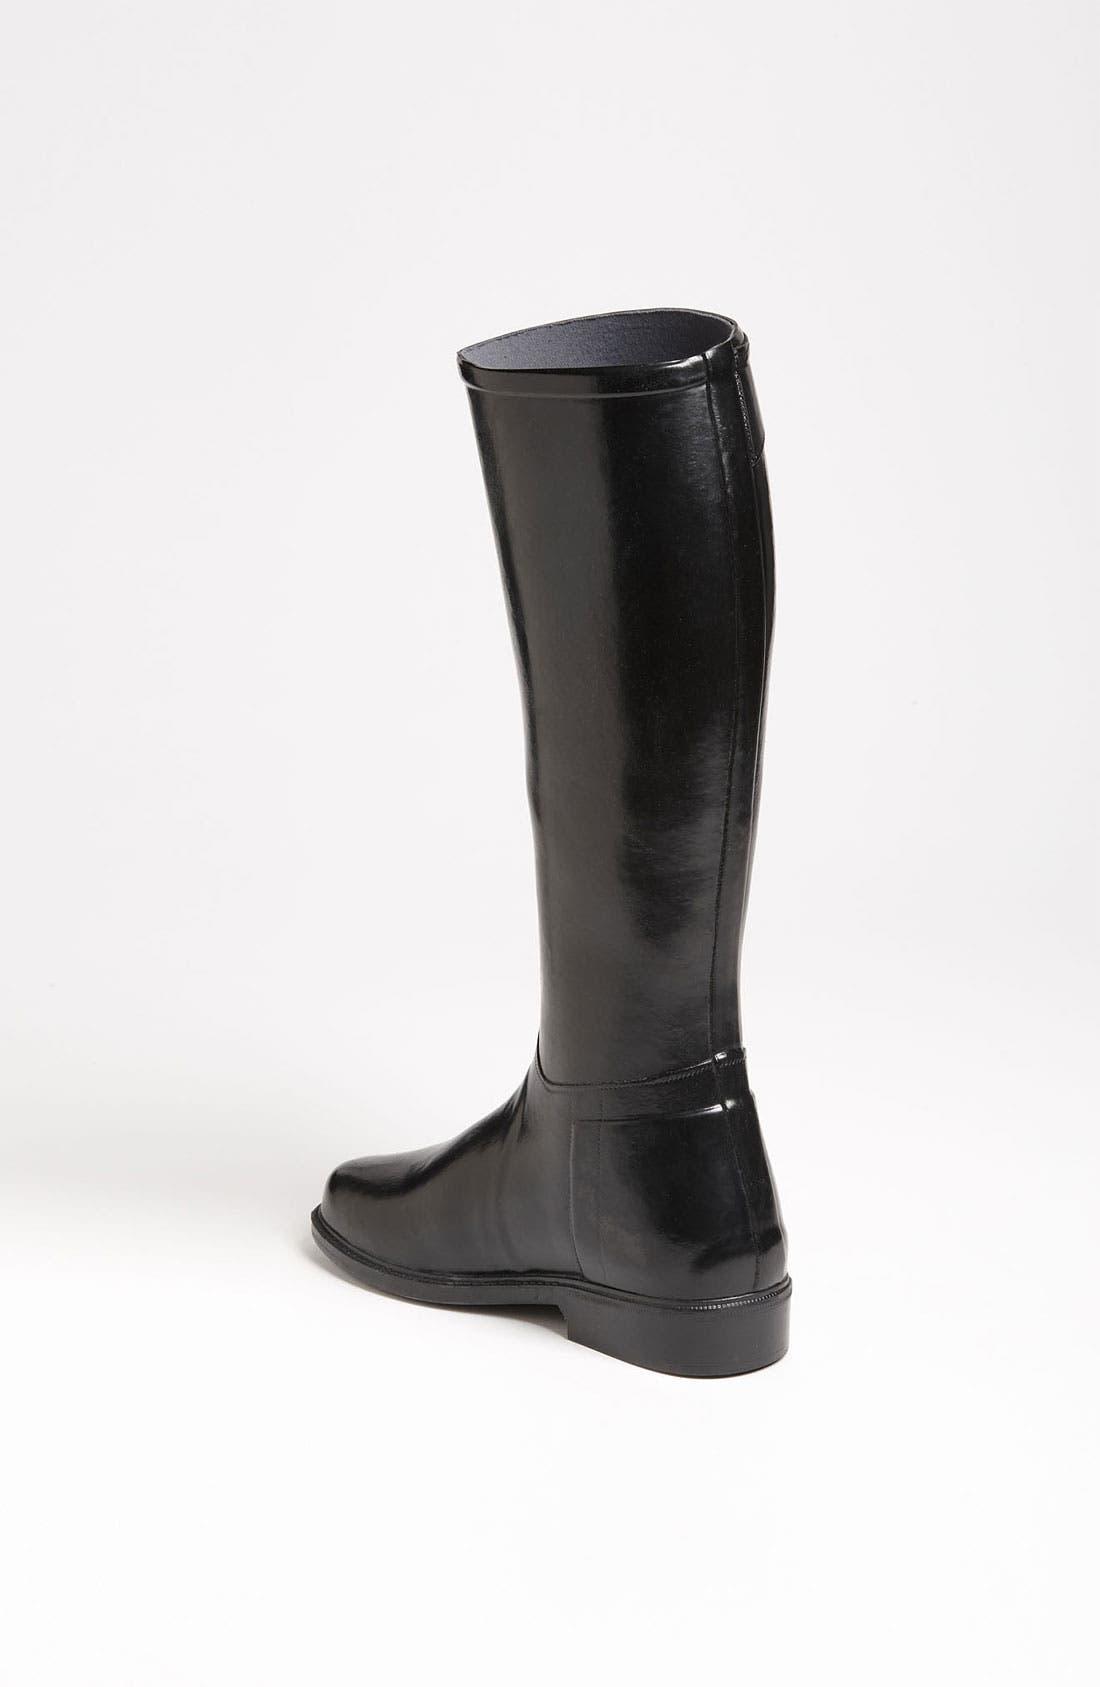 Alternate Image 2  - Le Chameau 'Cavaliere' Rain Boot (Women)